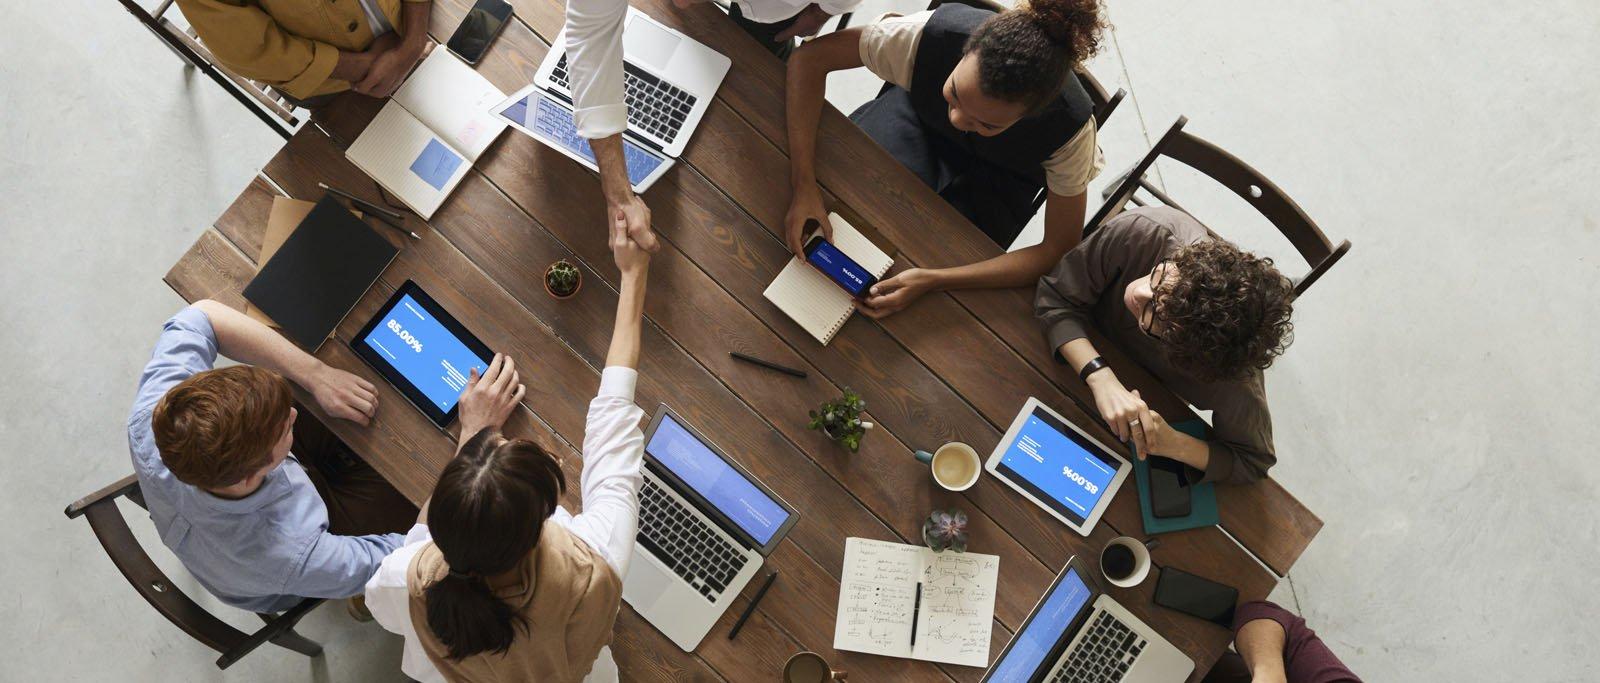 Processo de vendas: como definir as etapas para o time comercial